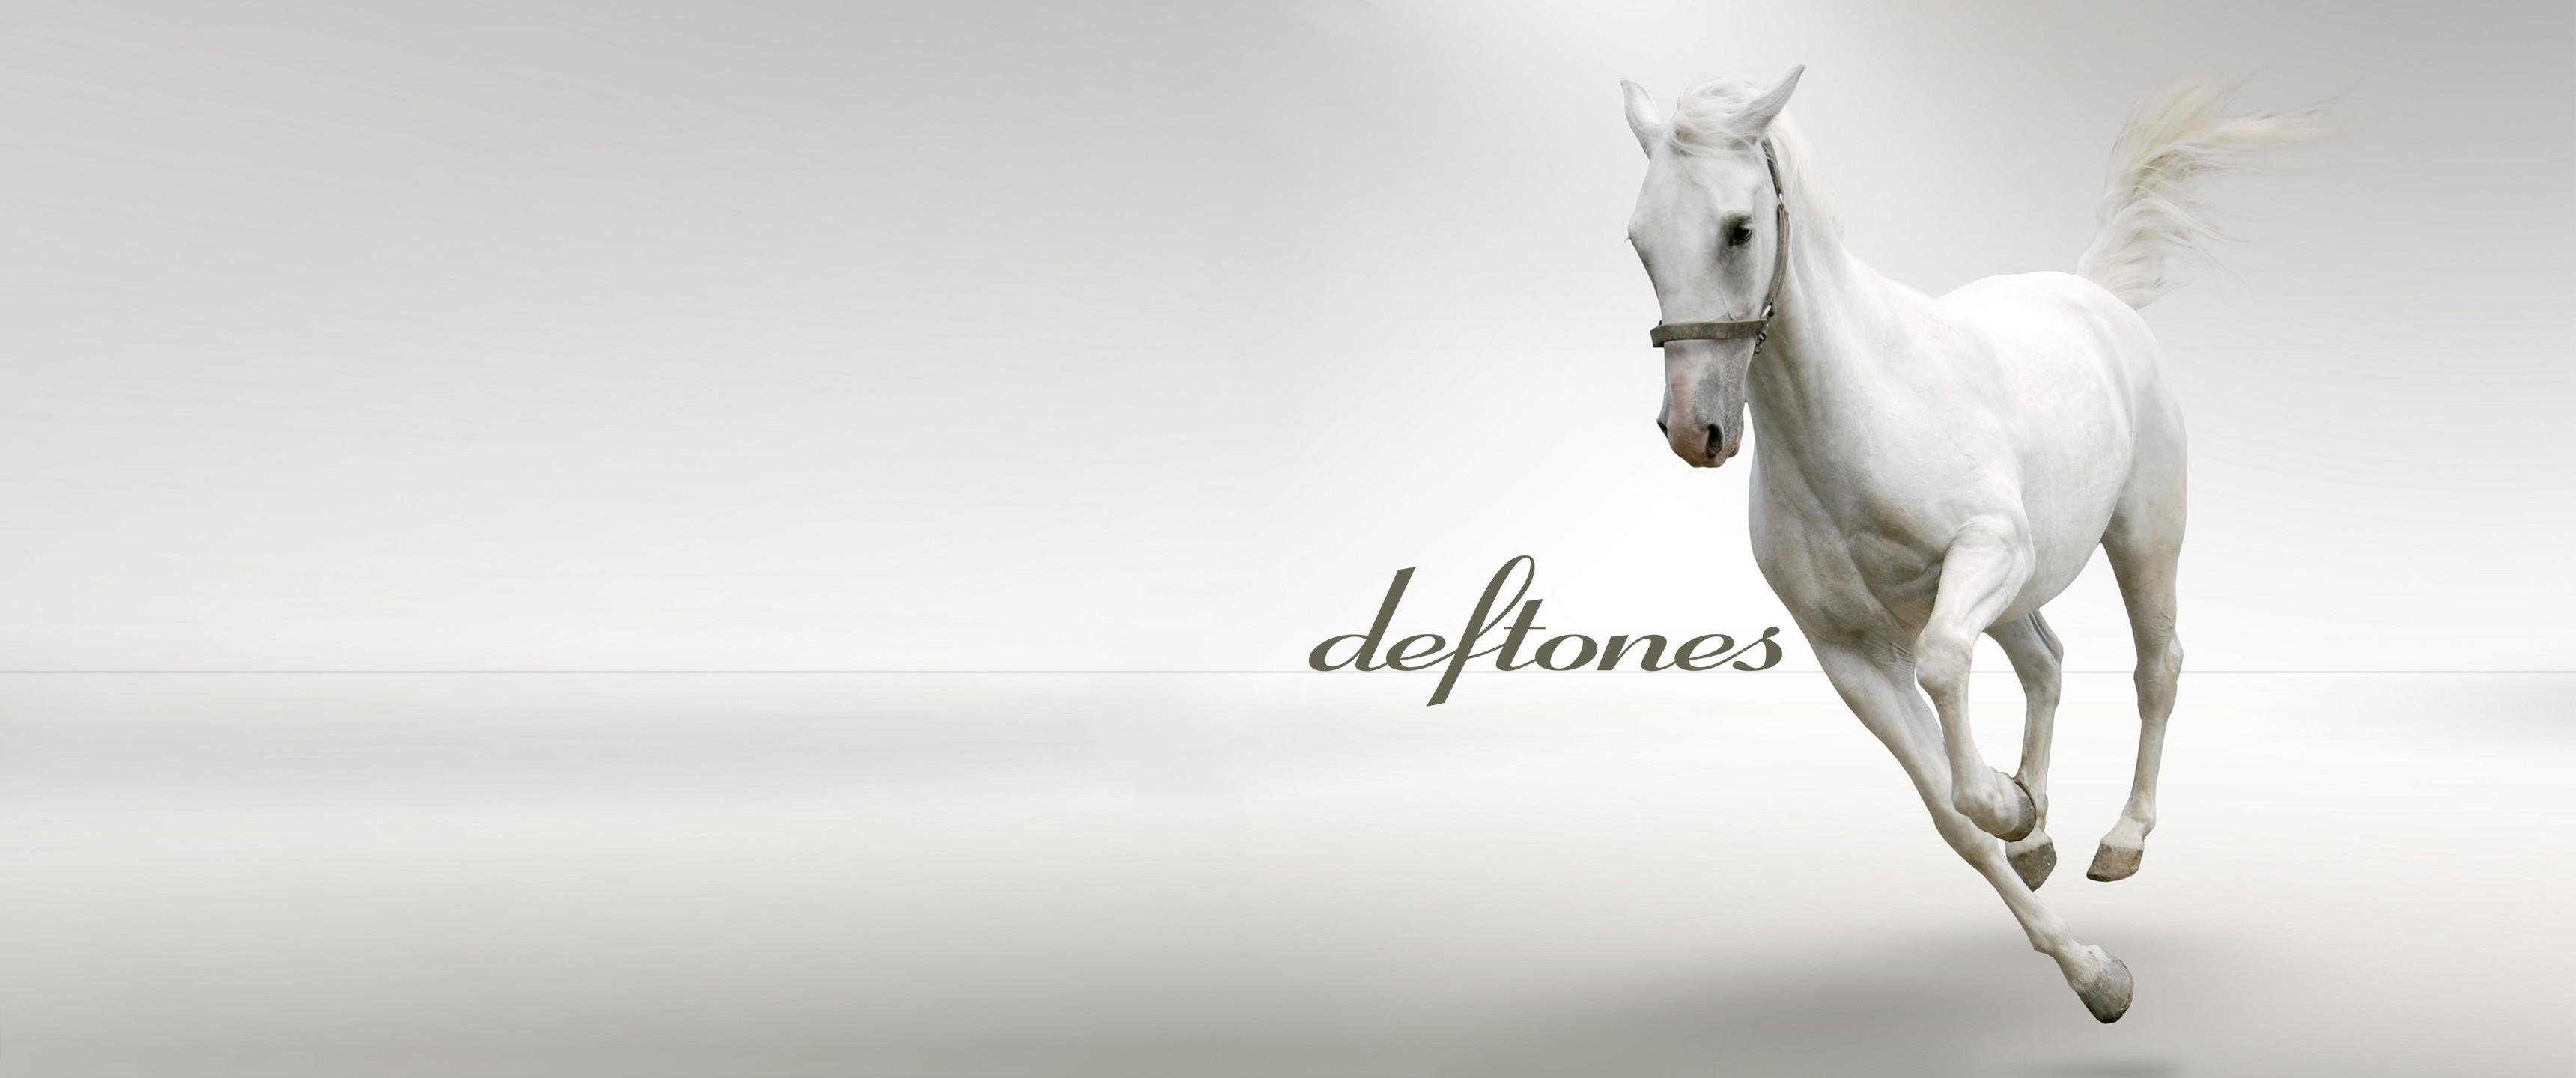 Another ultrawide Deftones wallpaper. Enjoy!